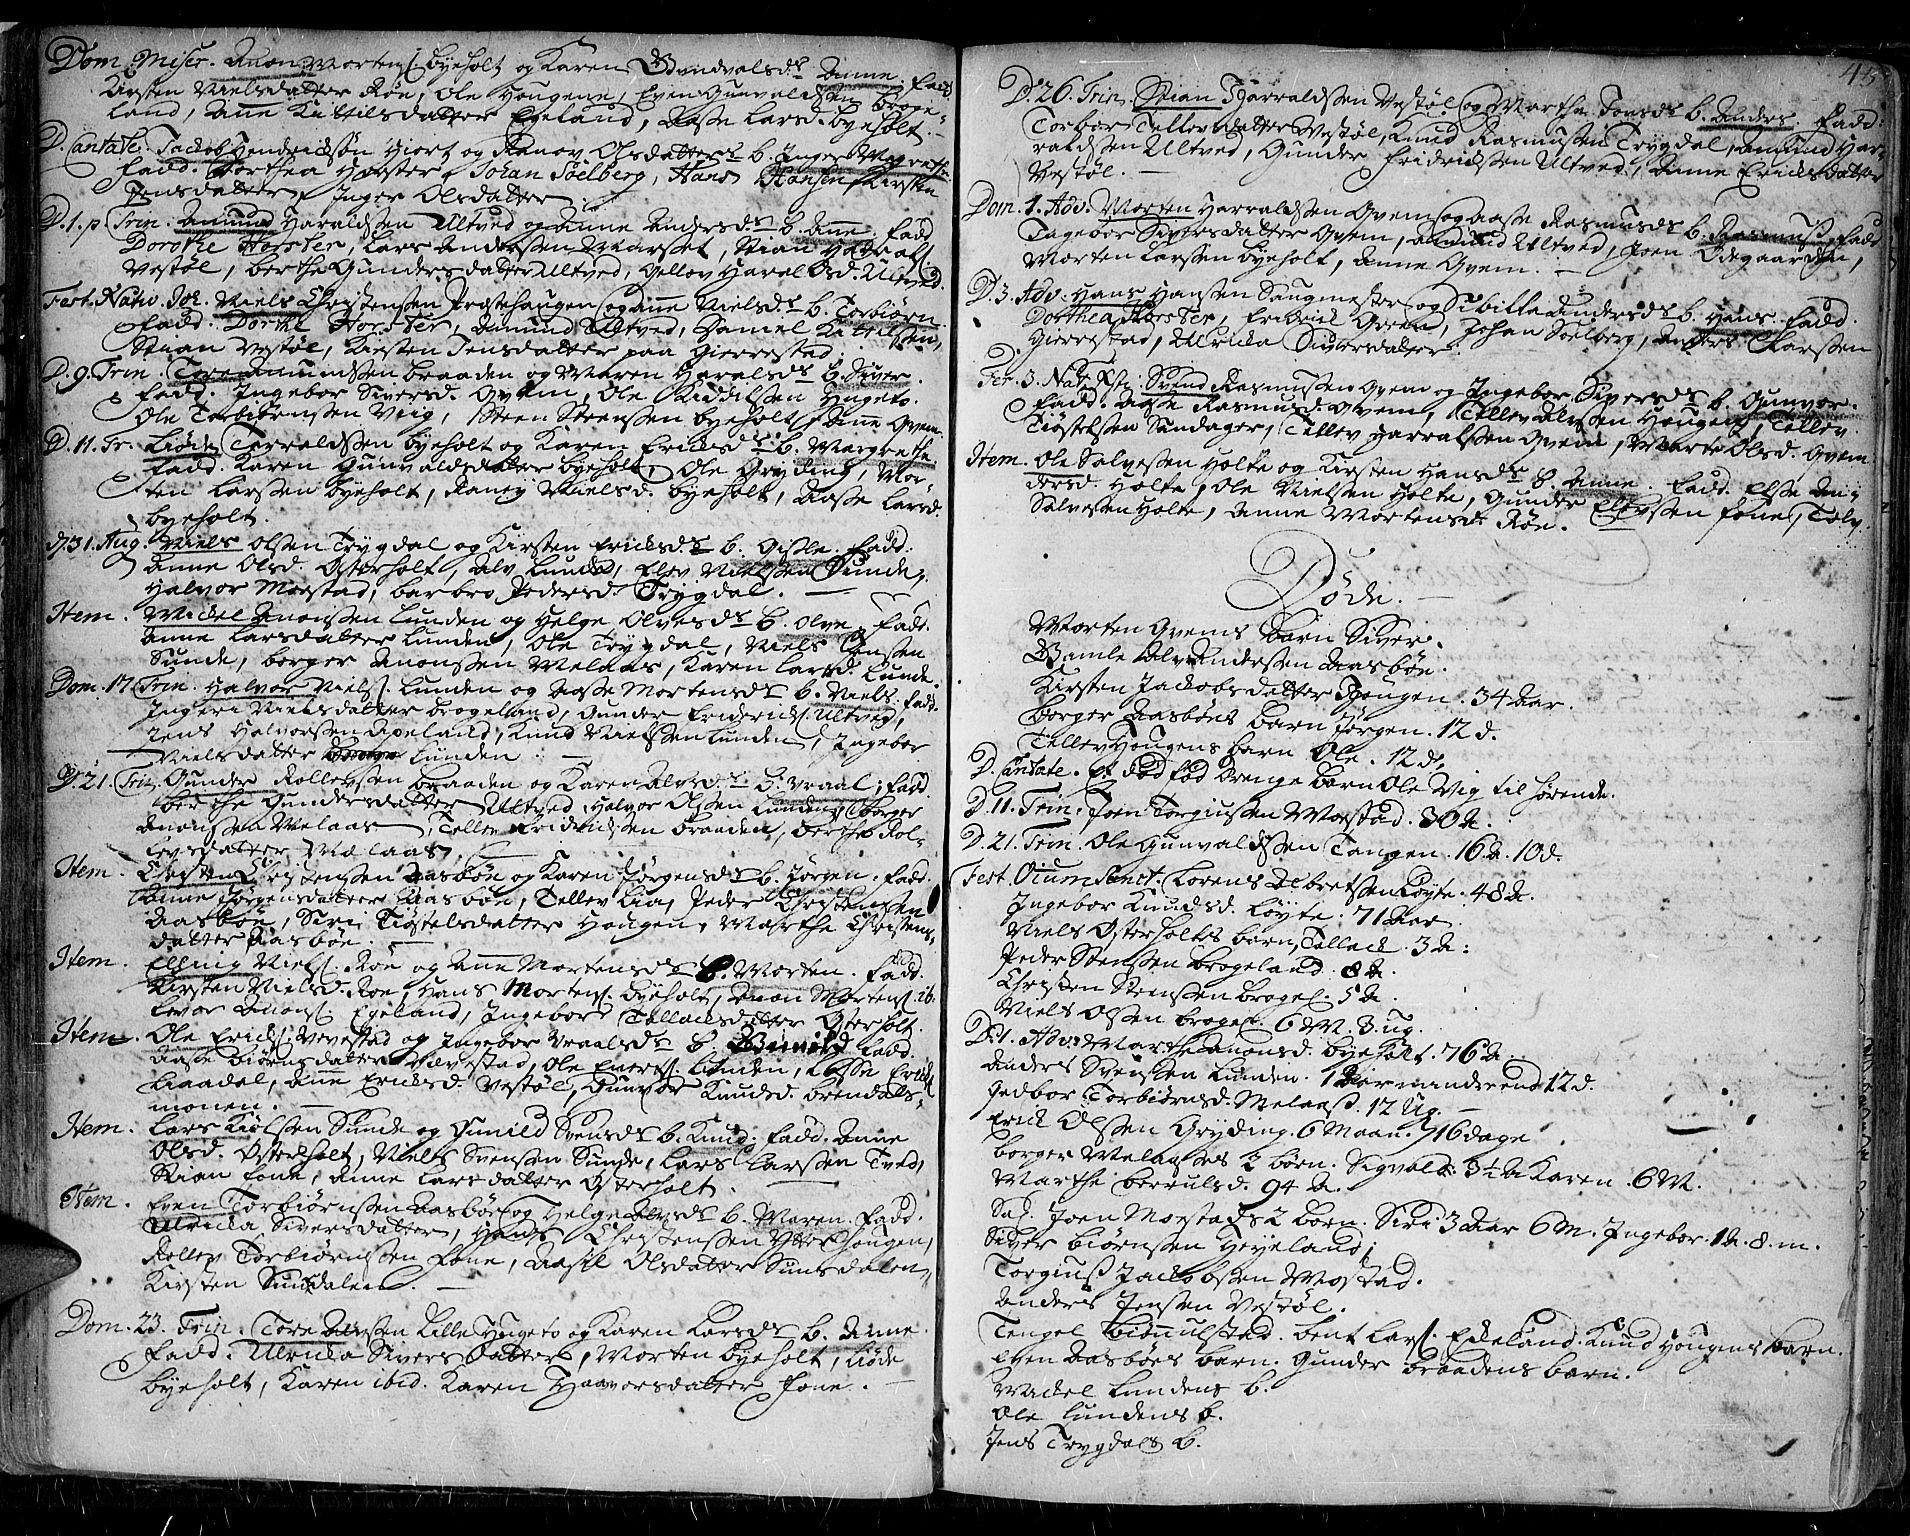 SAK, Gjerstad sokneprestkontor, F/Fa/Faa/L0002: Ministerialbok nr. A 2, 1717-1779, s. 45